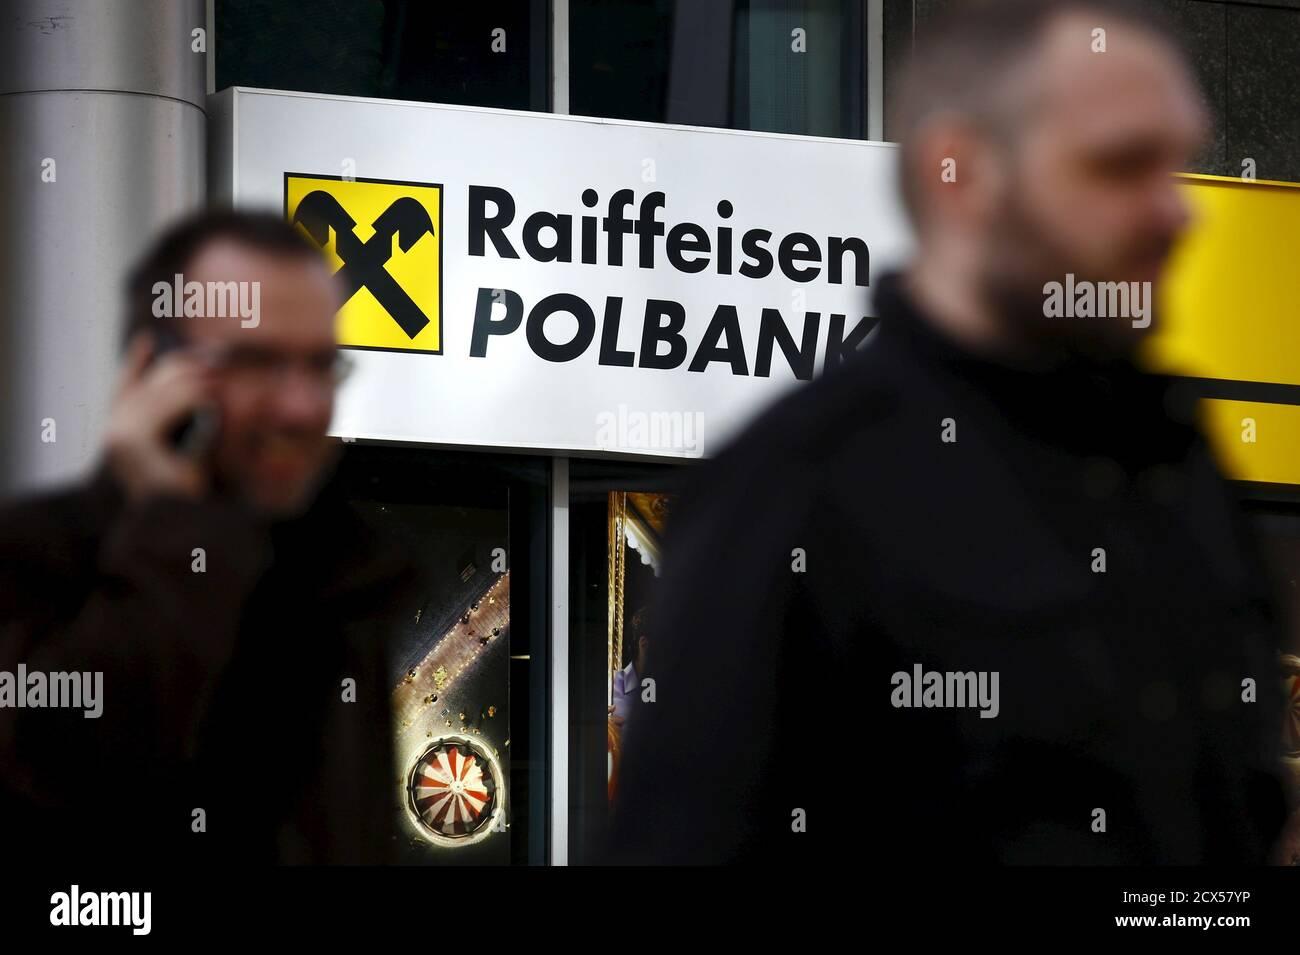 Des hommes marchent devant le siège de Raiffeisen Polbank à Varsovie le 30 mars 2015. Le chef du plus grand assureur de Pologne, PZU, a déclaré lundi que son entreprise se penchera sur la vente prévue de la banque n°7 du pays, Raiffeisen Polbank, qui a été mise en vente par son propriétaire autrichien, Raiffeisen Bank International. REUTERS/Kacper Pempel Banque D'Images